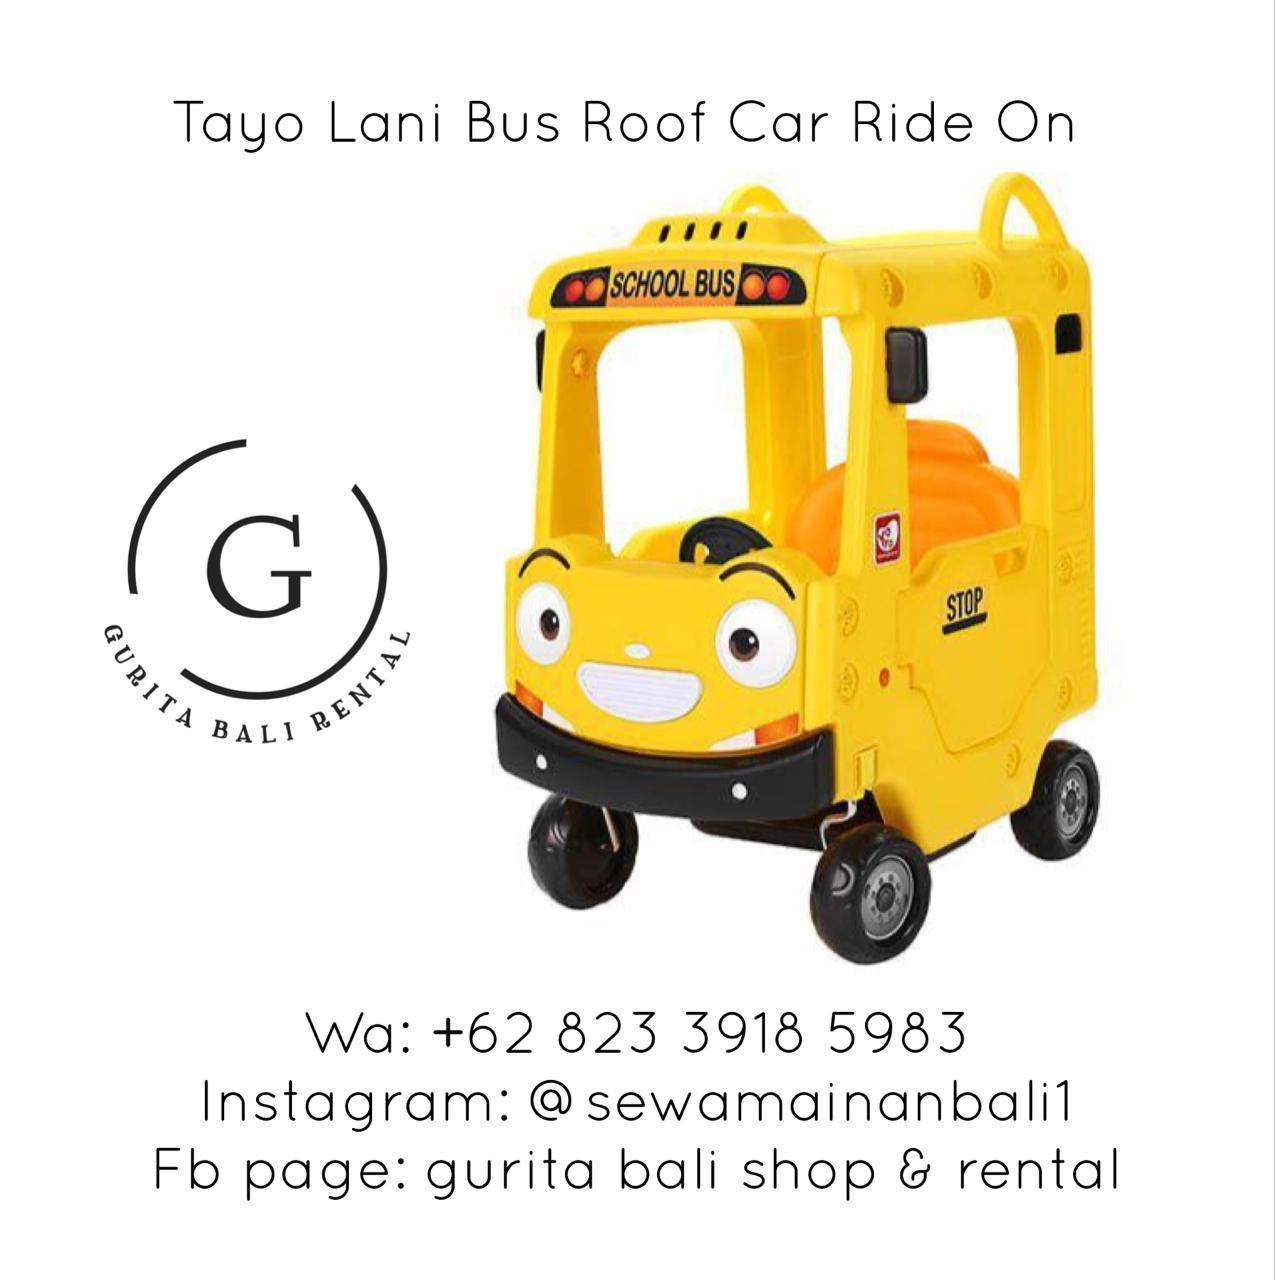 TAYO LANI BUS ROOF CAR RIDE ON